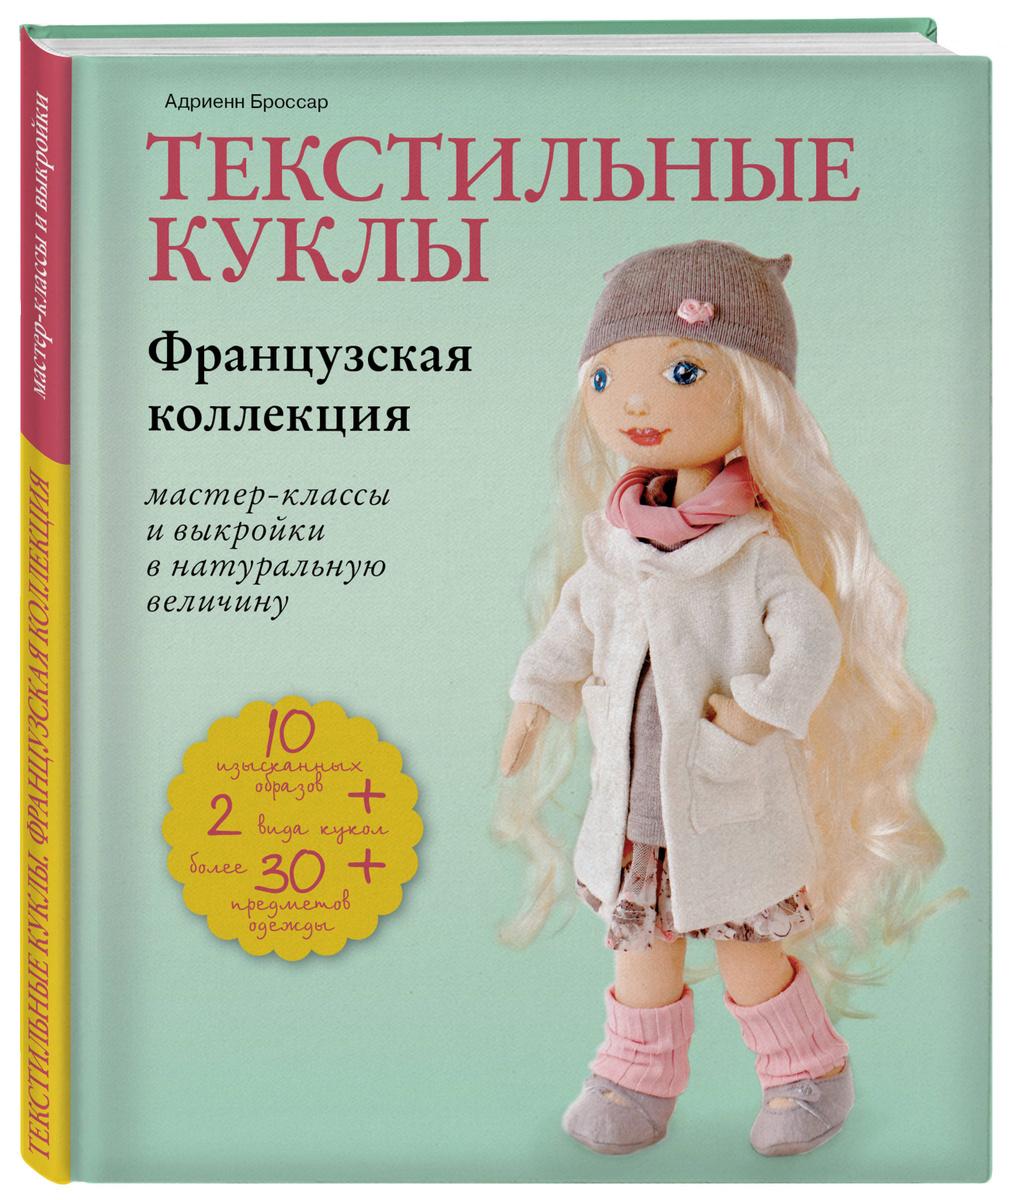 Текстильные куклы. Французская коллекция. Мастер-классы и выкройки | Броссар Адриенн  #1